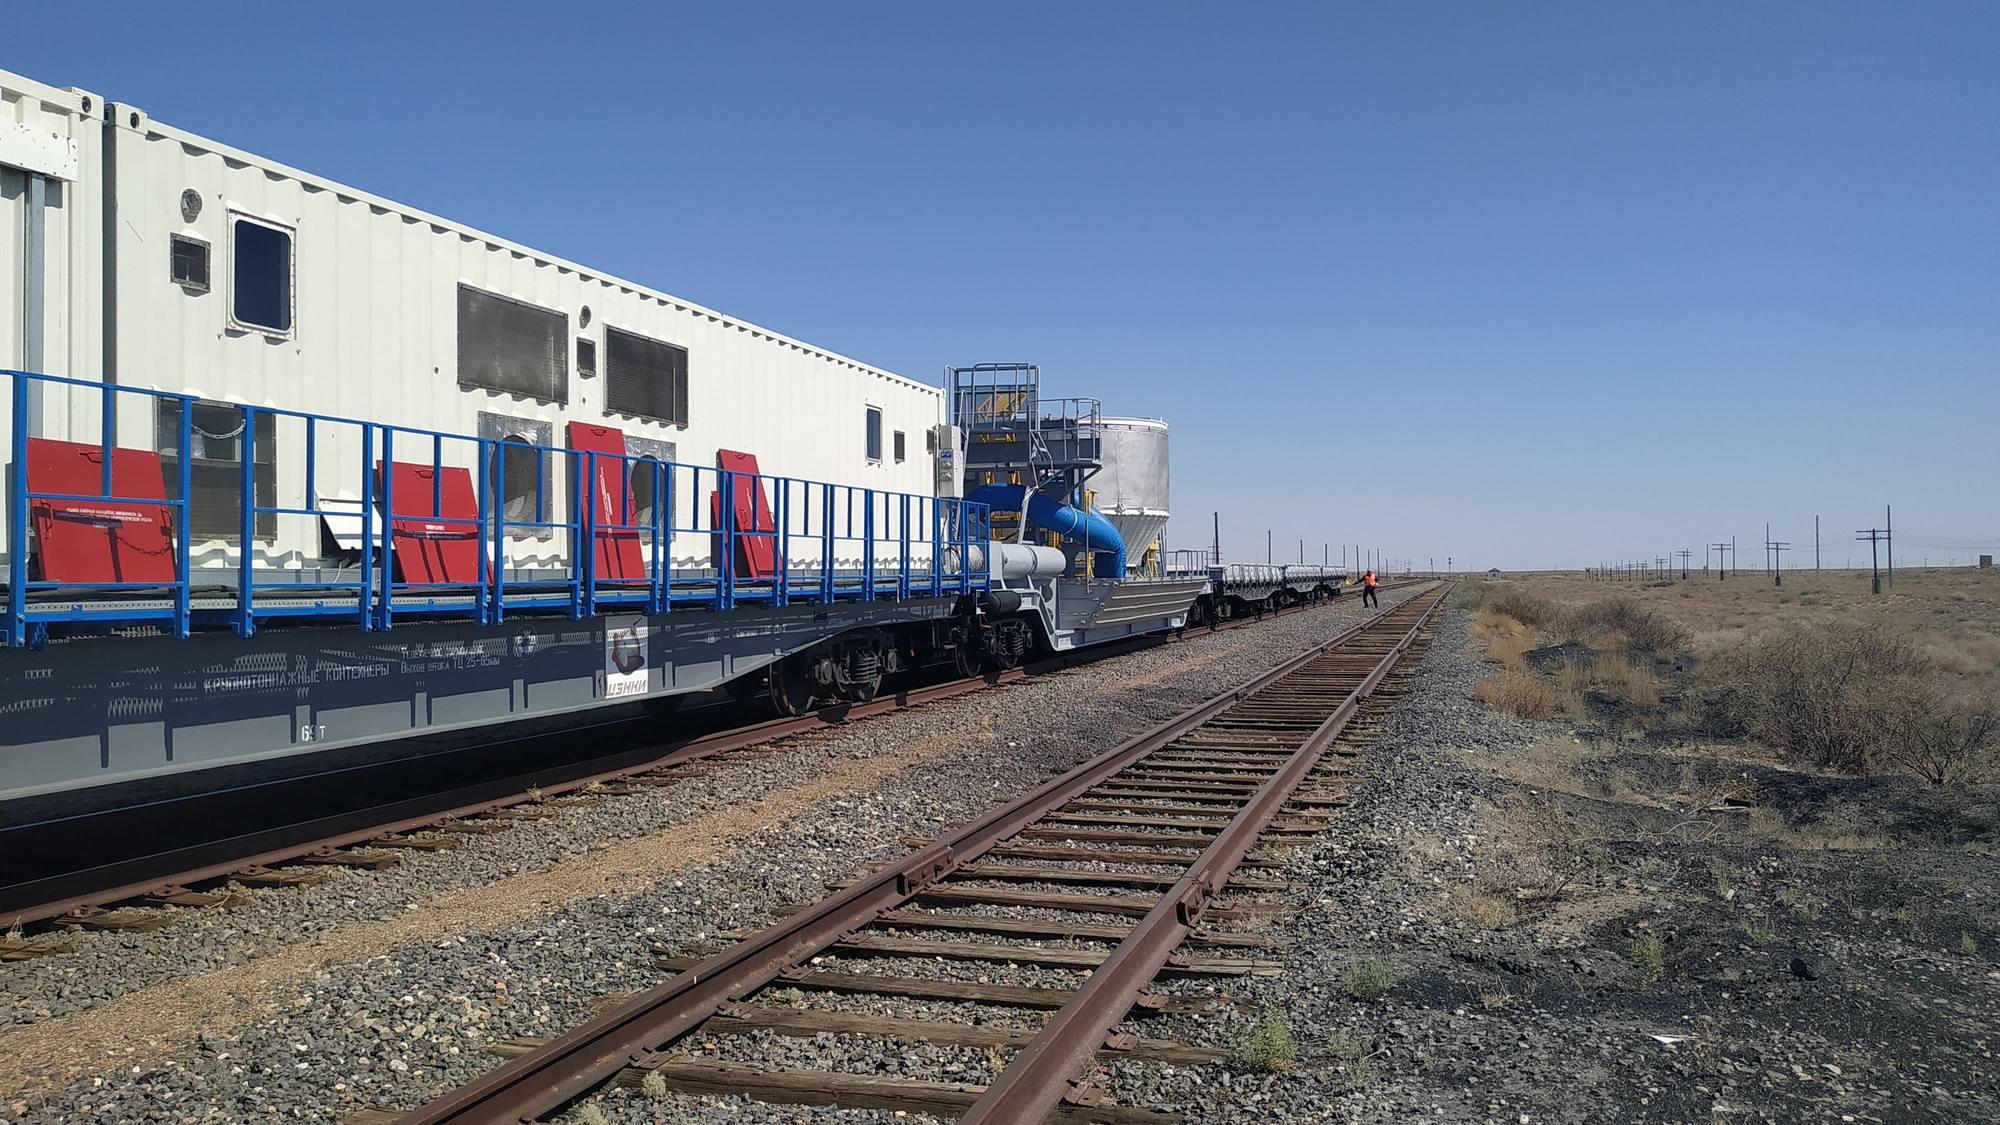 Déplacement ferroviaire dans la steppe kazakhe du cosmodrome russe.